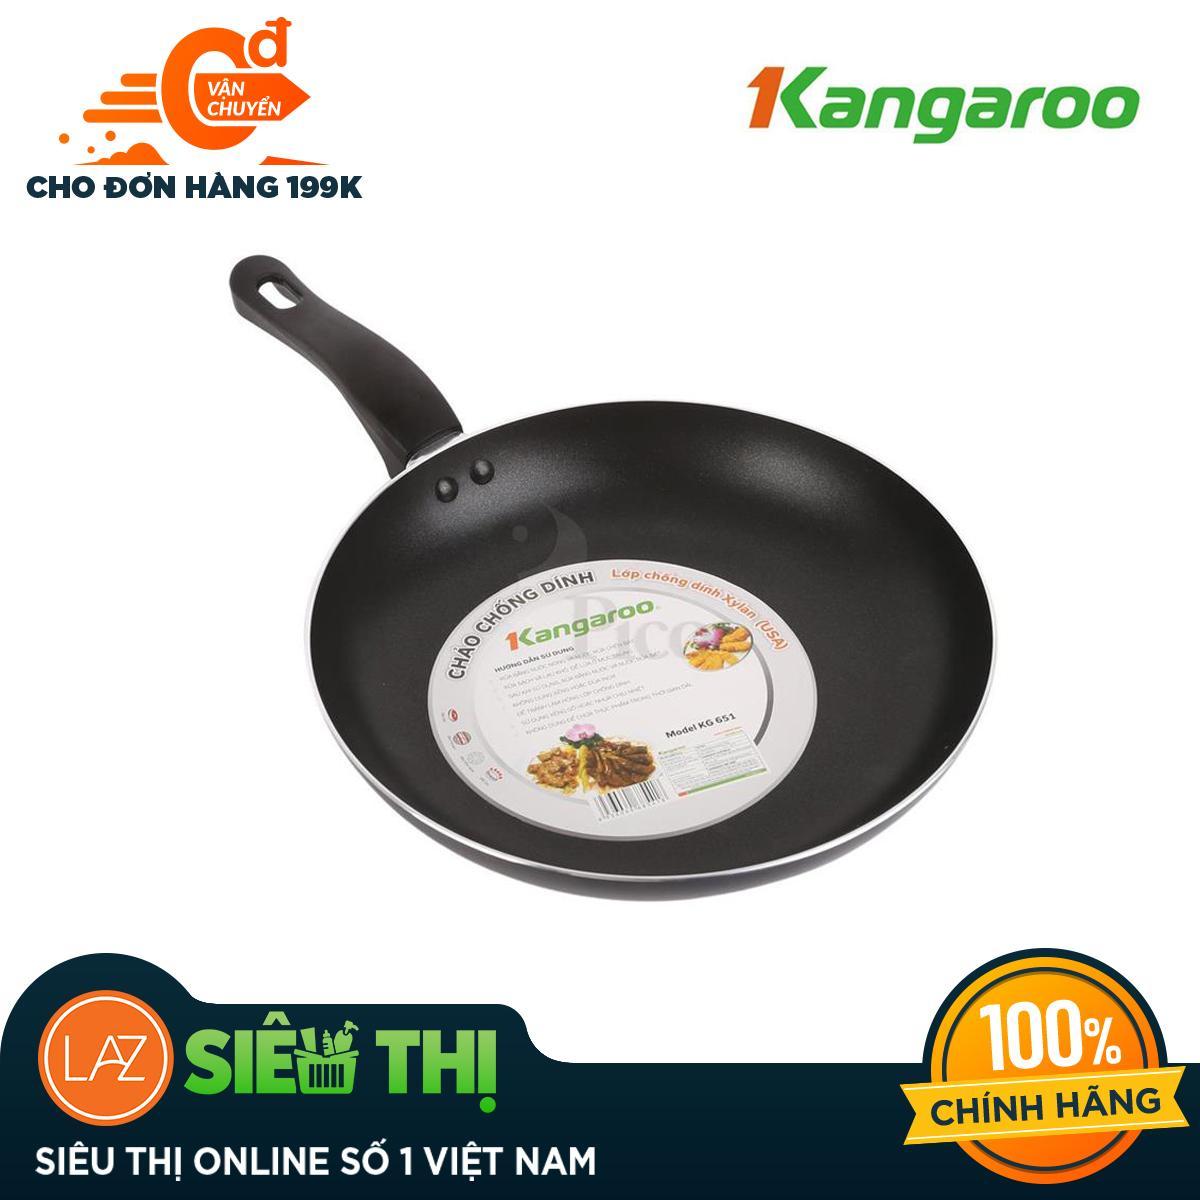 Chảo nhôm chống dính Kangaroo 24cm KG651